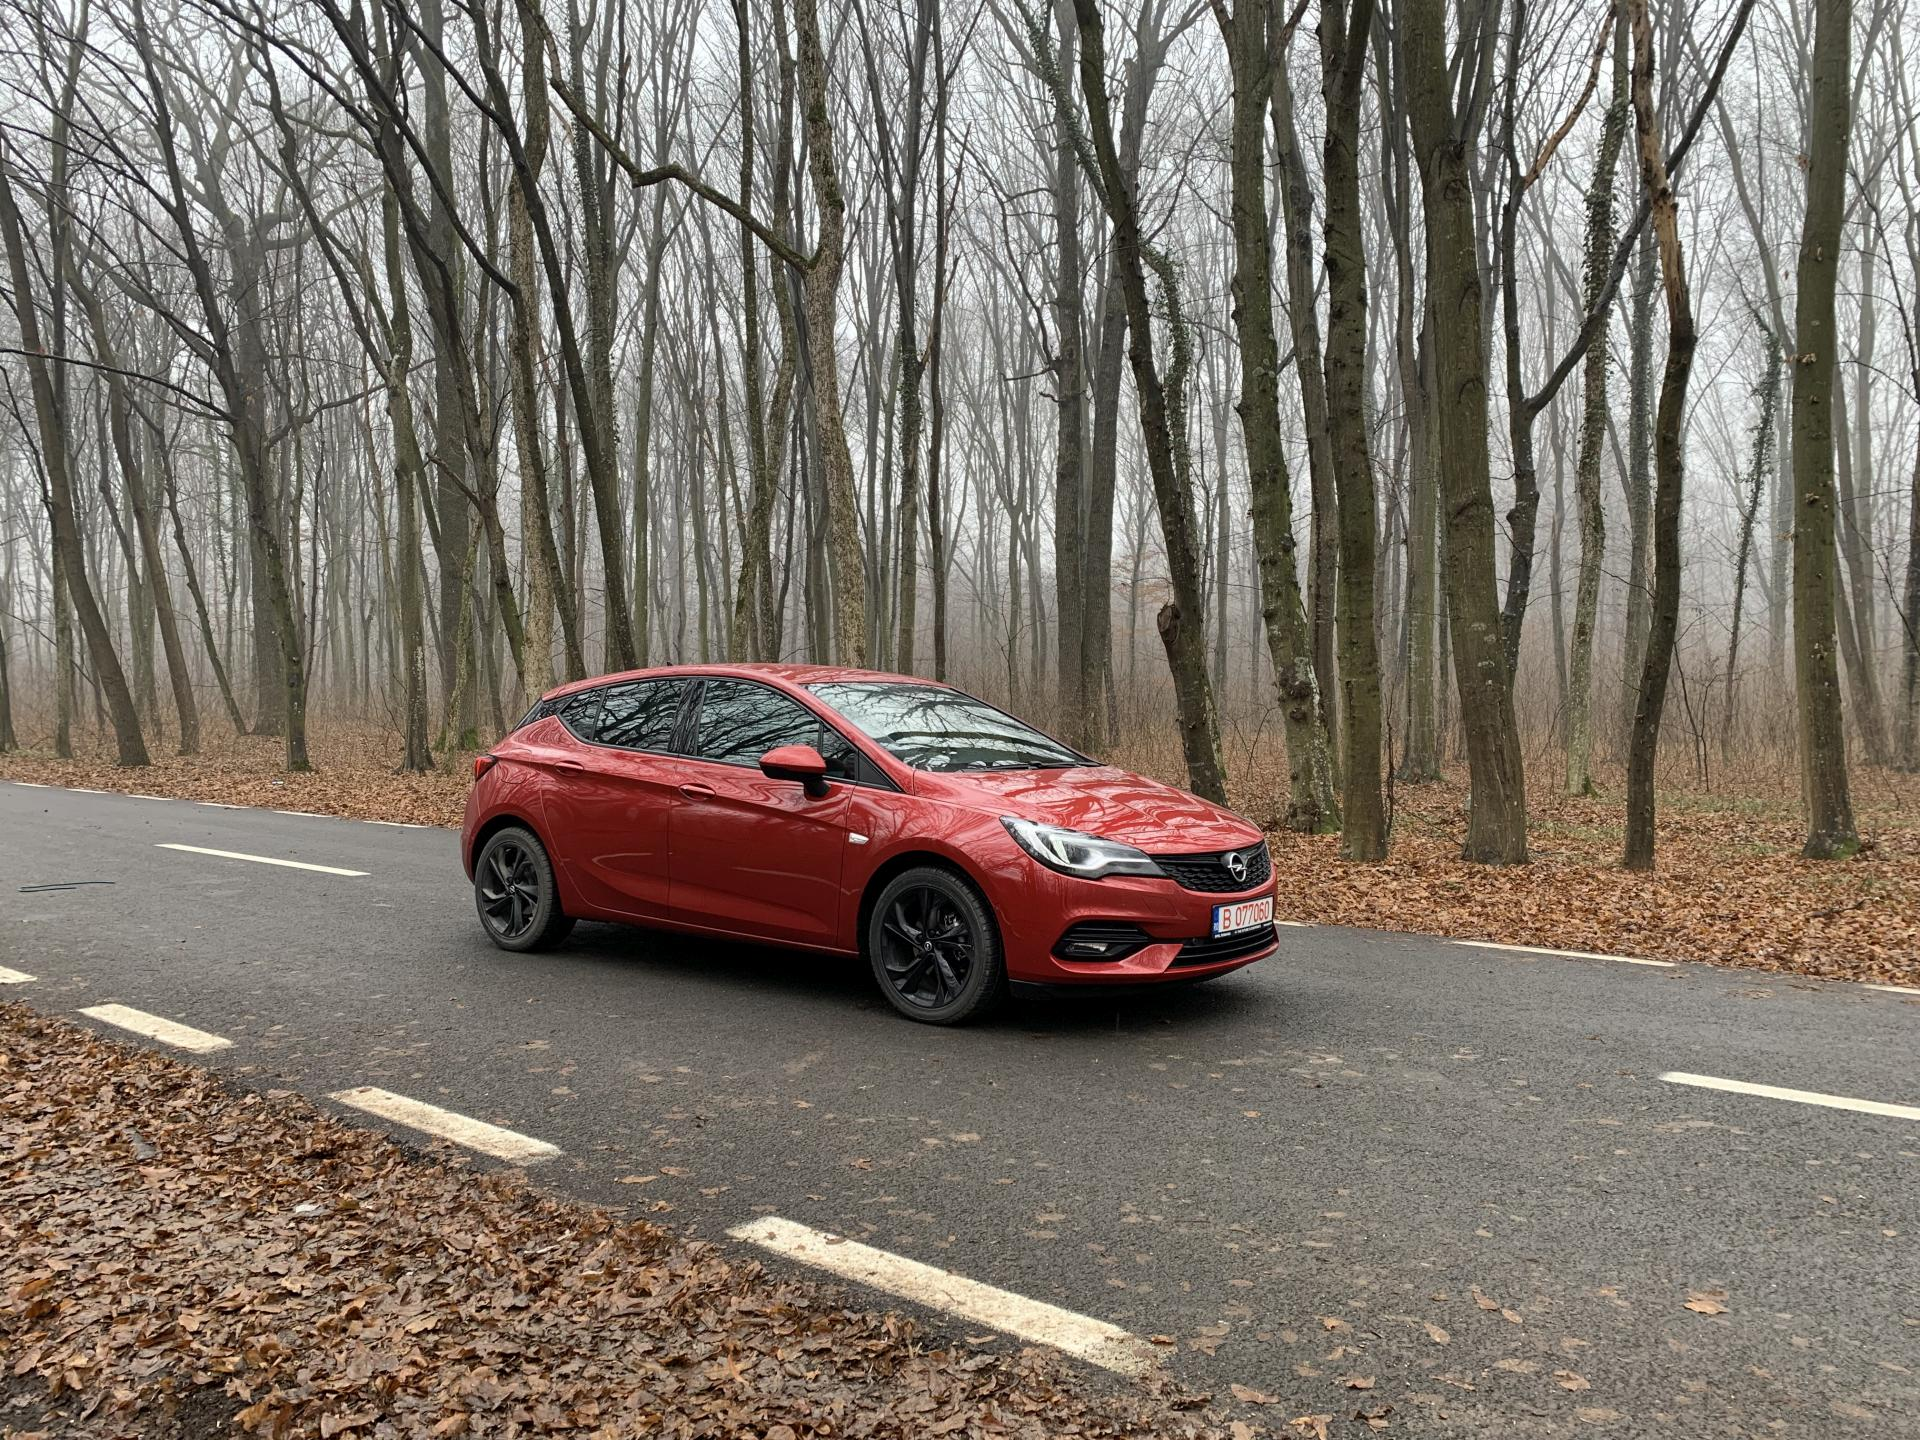 Opel Astra K 1.5 TD facelift